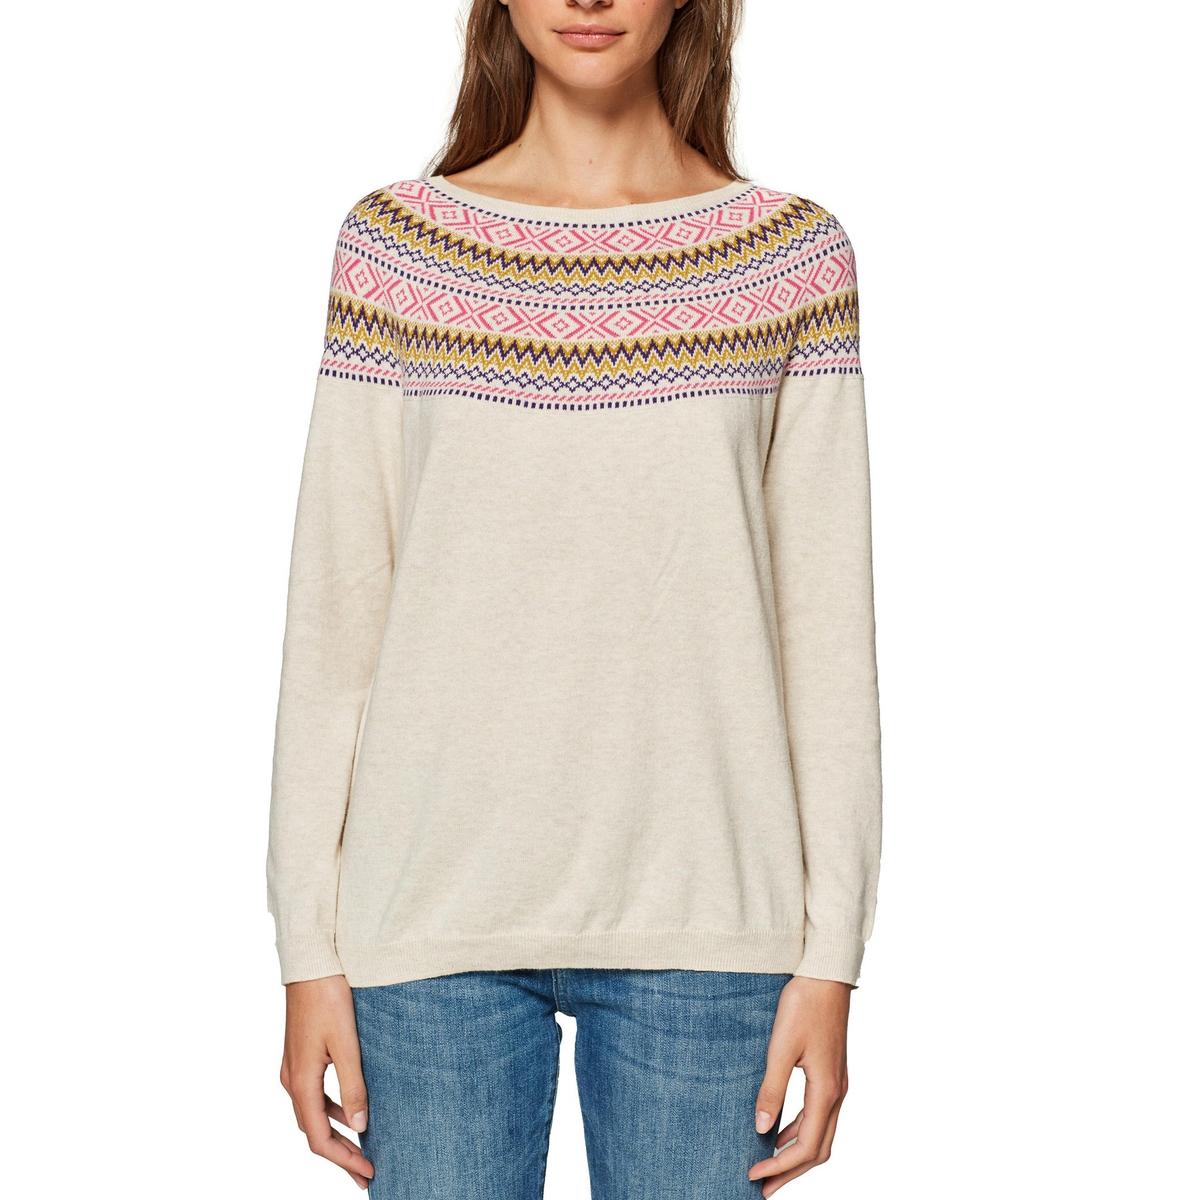 Jersey con cuello redondo y motivo jacquard, 100% algodón